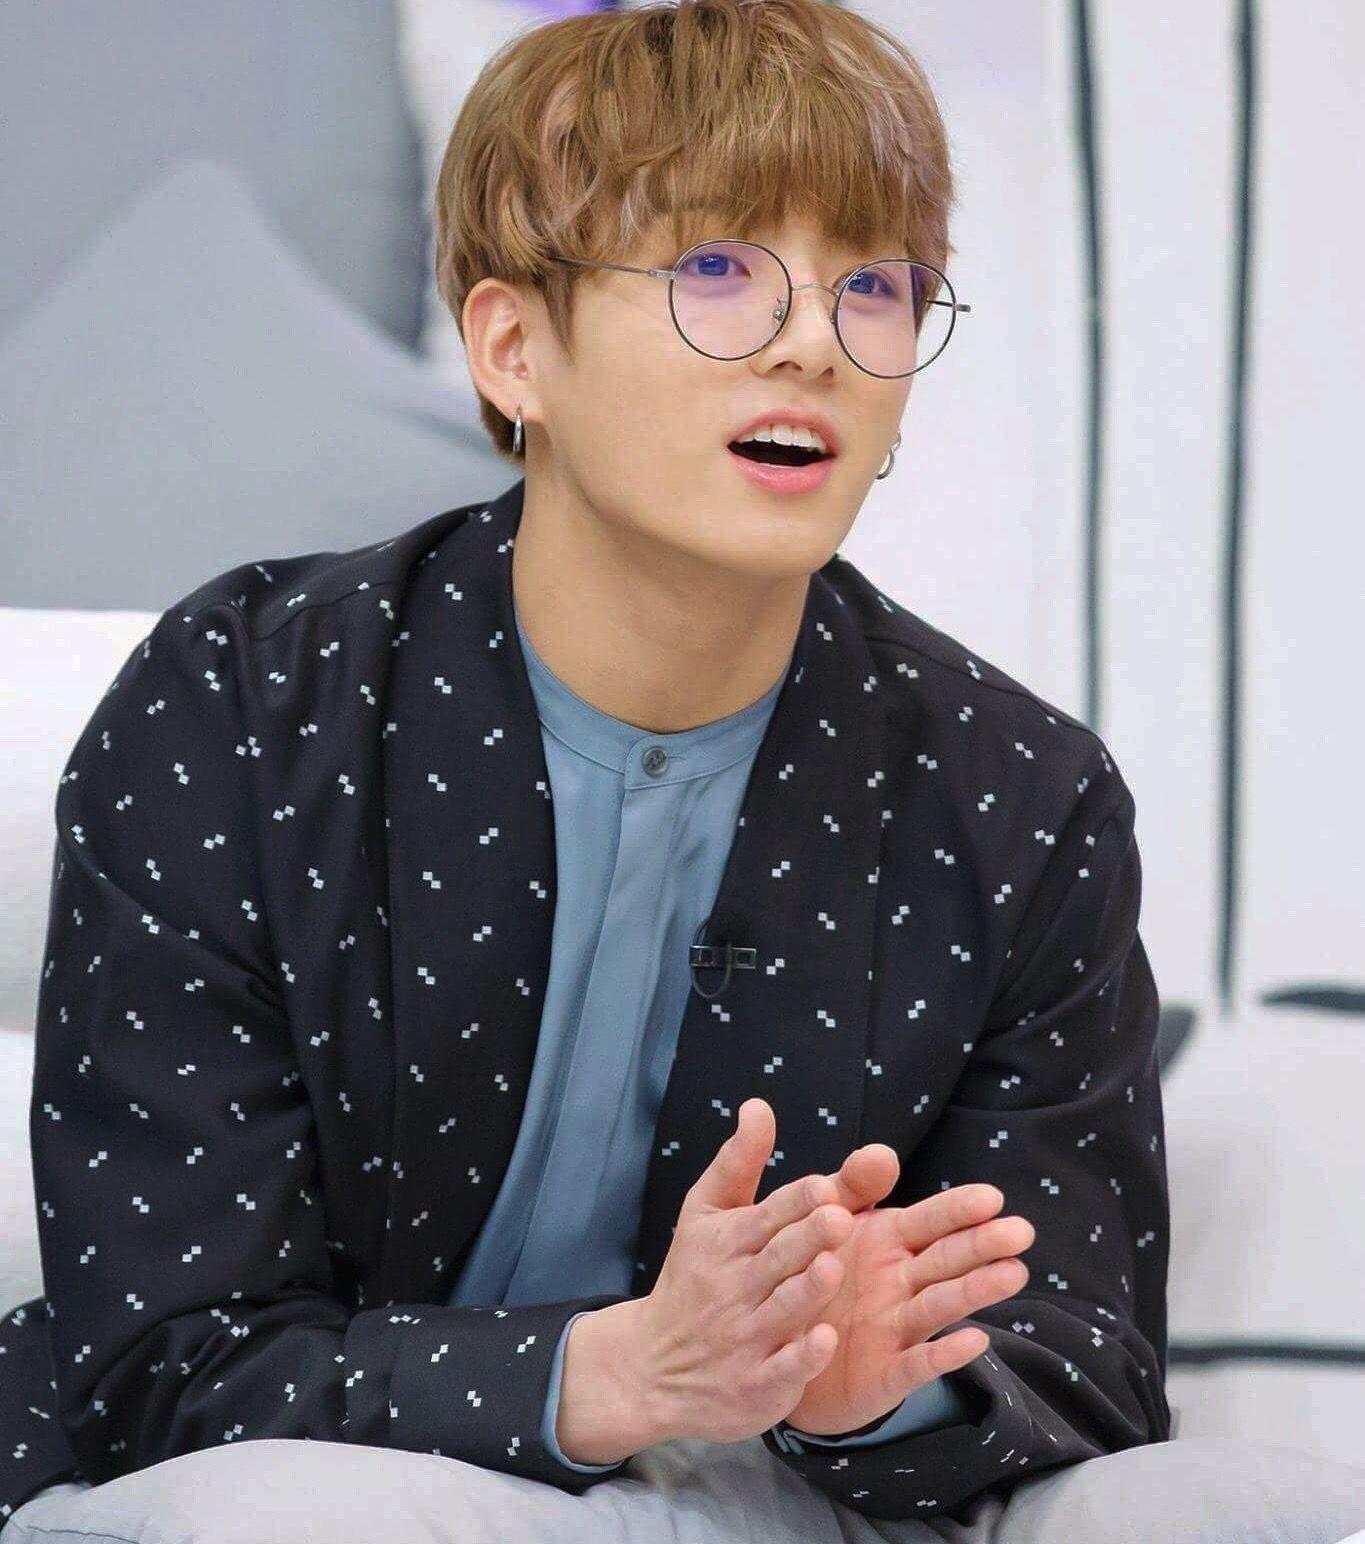 Bts Jungkook Glasses Wallpaper: Image Result For Jungkook Glasses BTS Mostly T